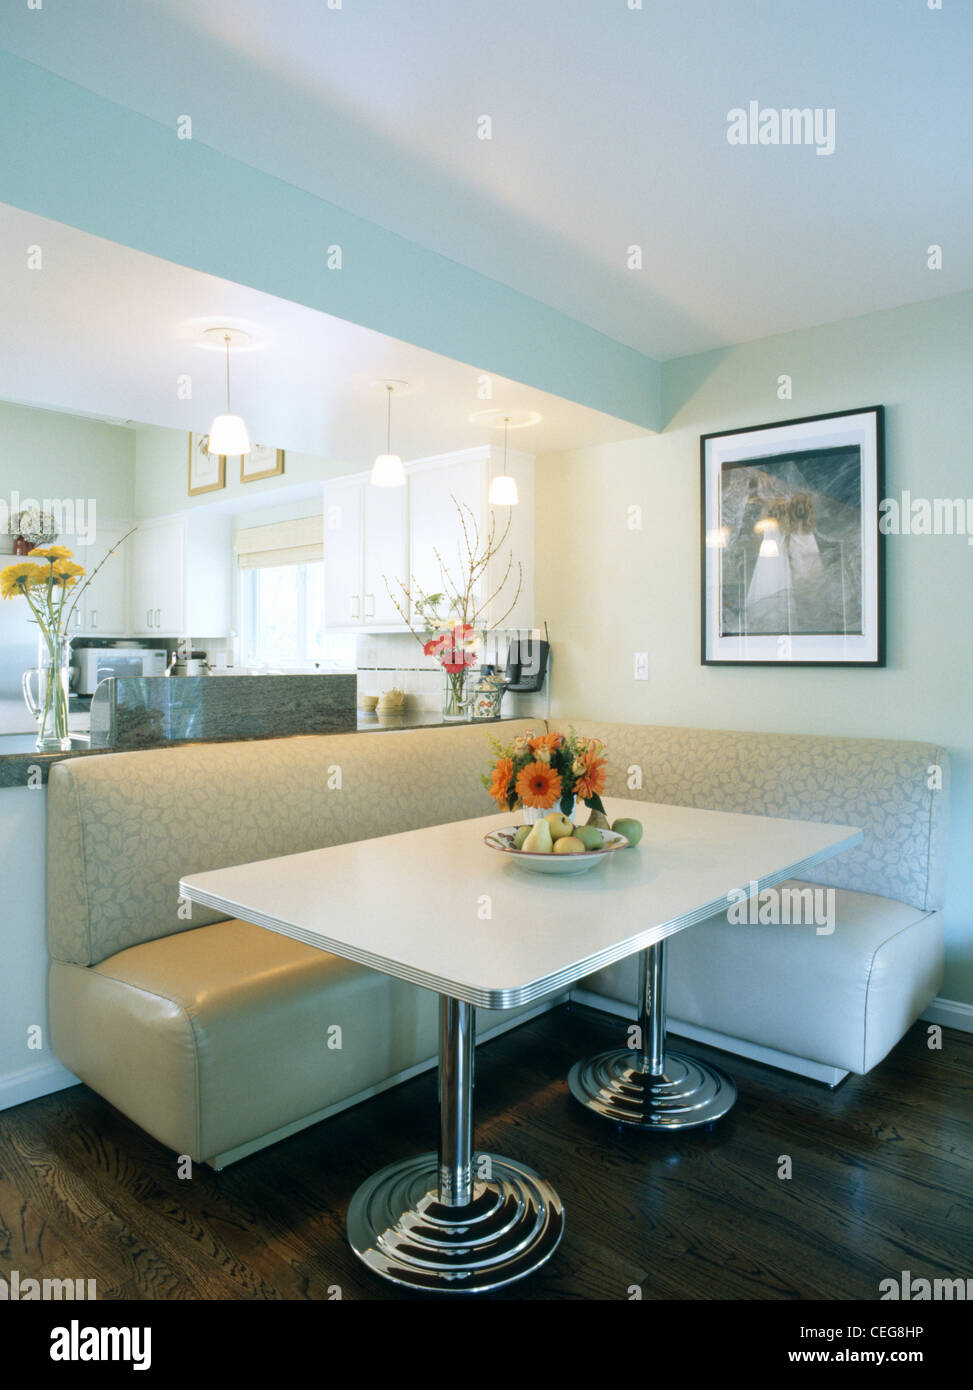 Creme Bankett Bestuhlung Und Weißen Rechteckigen Tisch Auf Chrombeinen  Spirale Im Modernen Speisesaal Stockbild